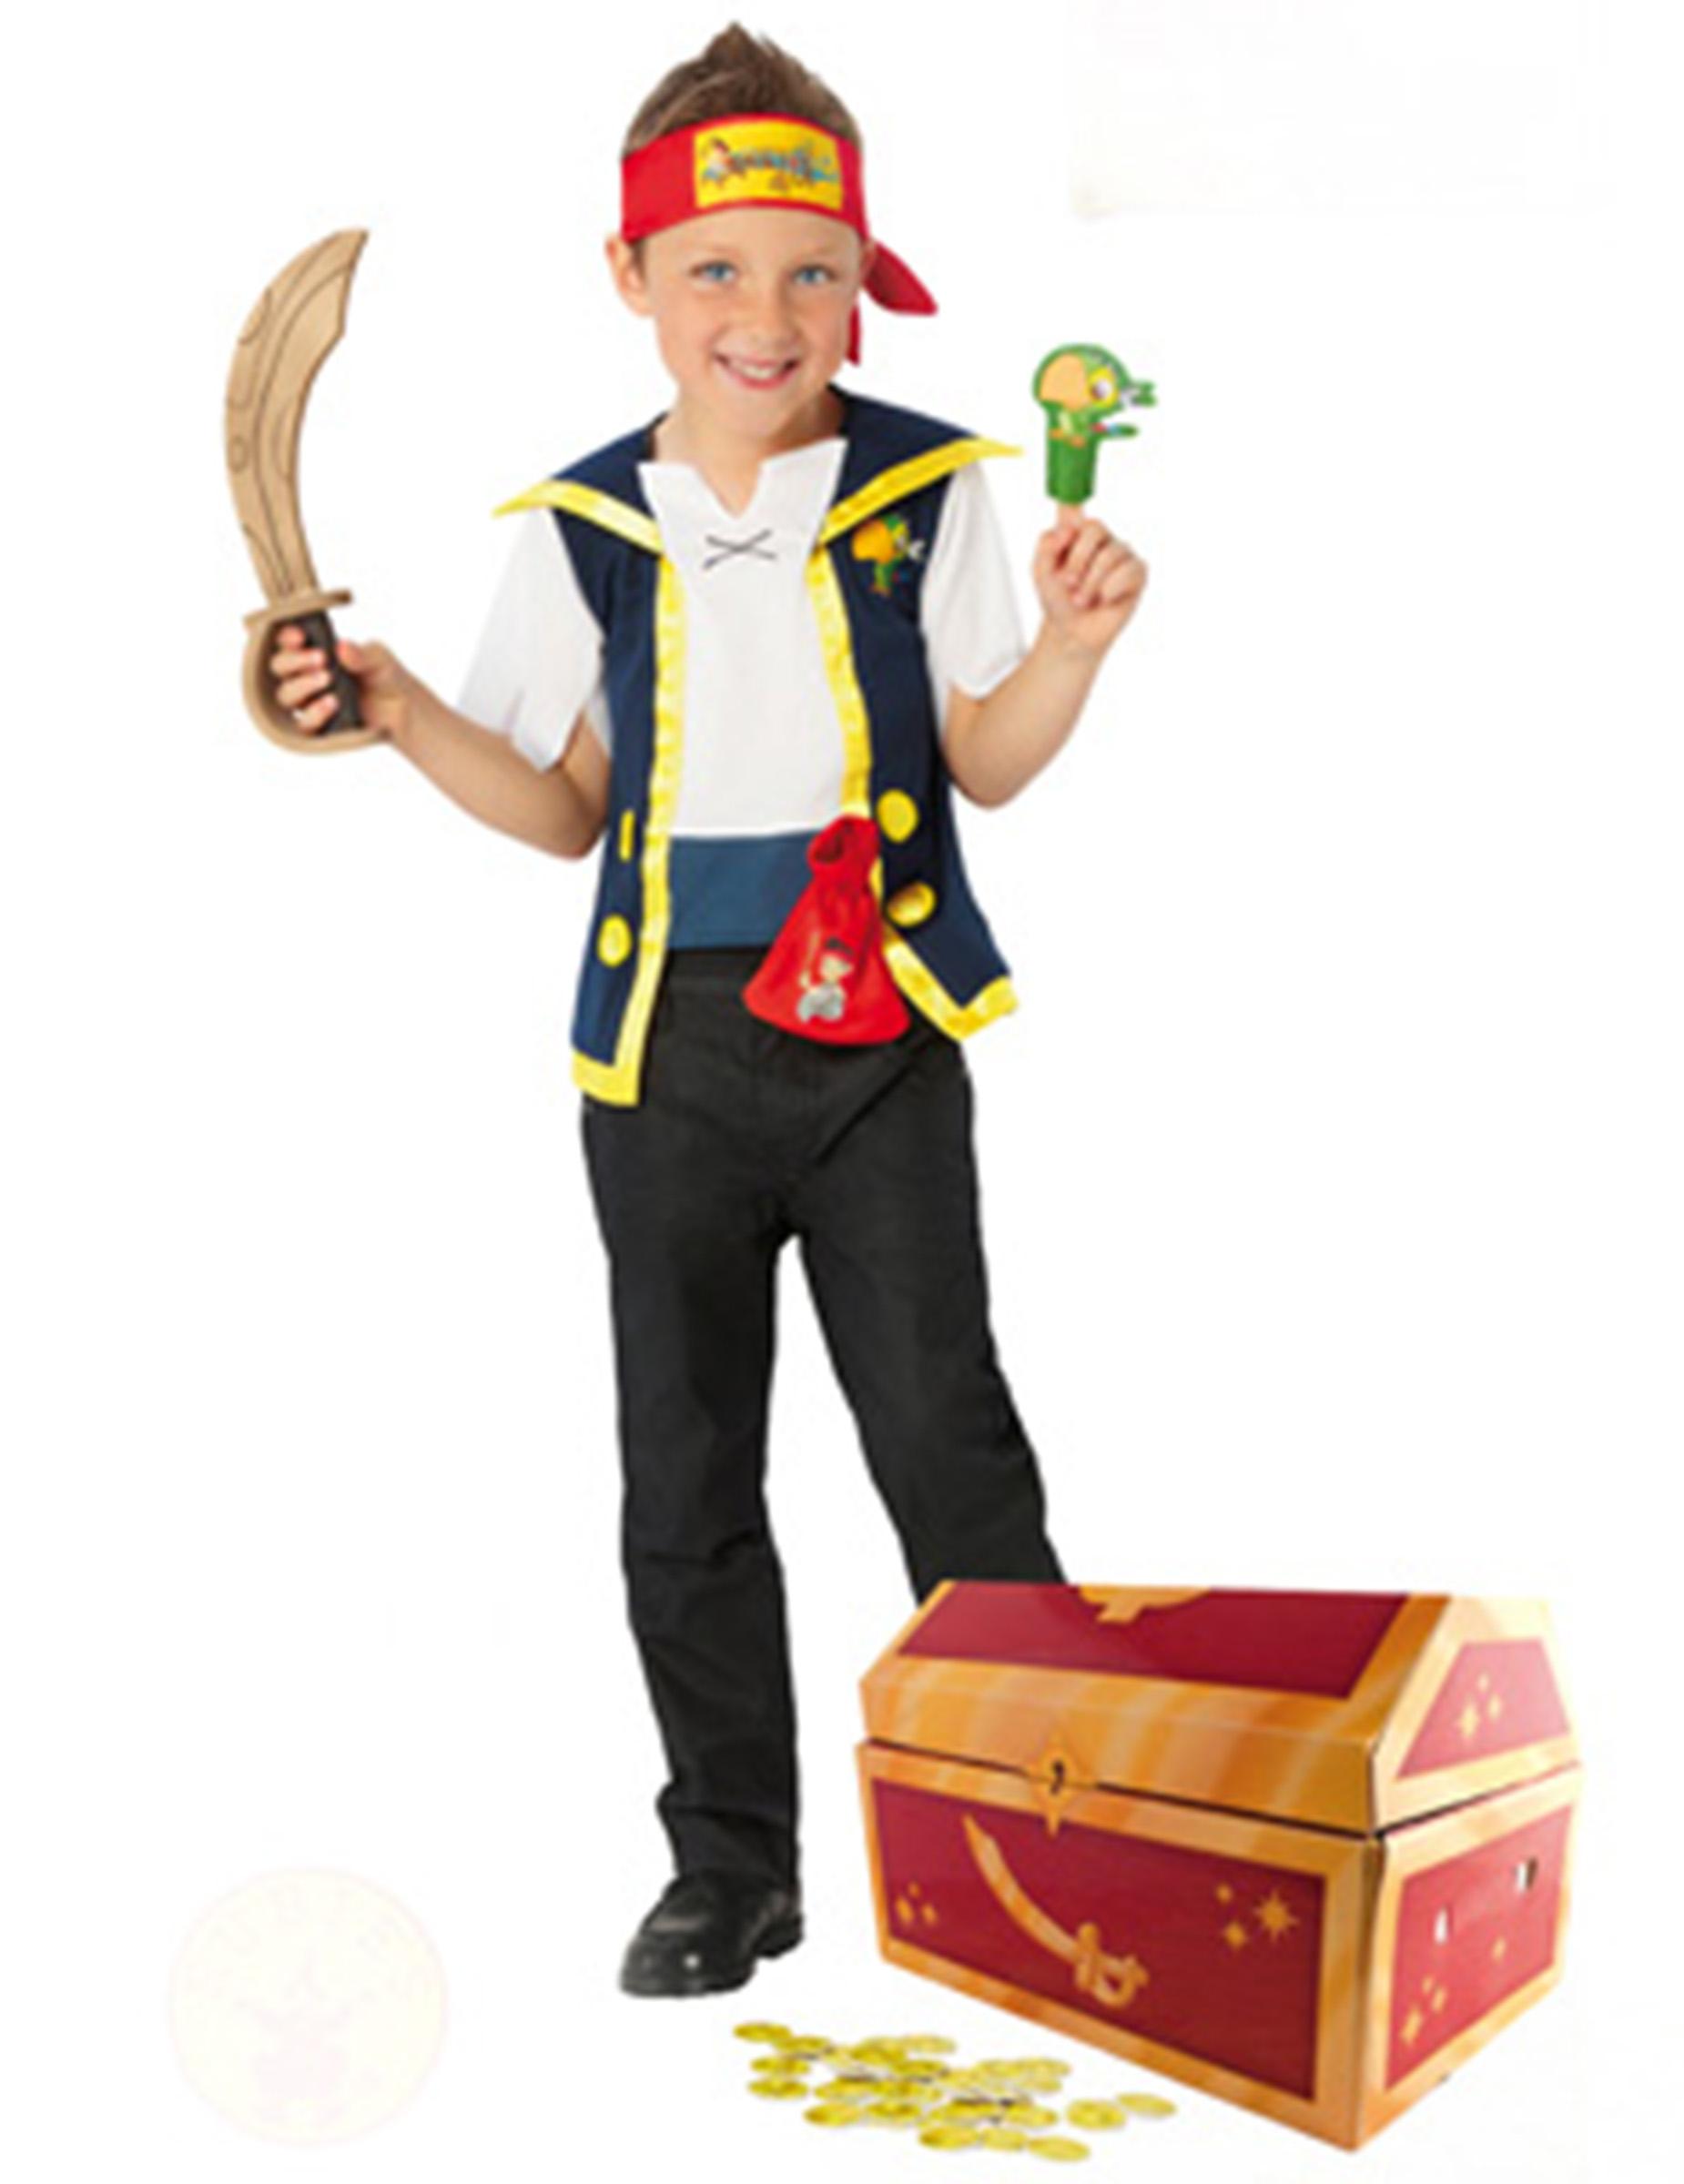 Fiesta Pirata - Ideas para Fiestas Infantiles y Fiestas de